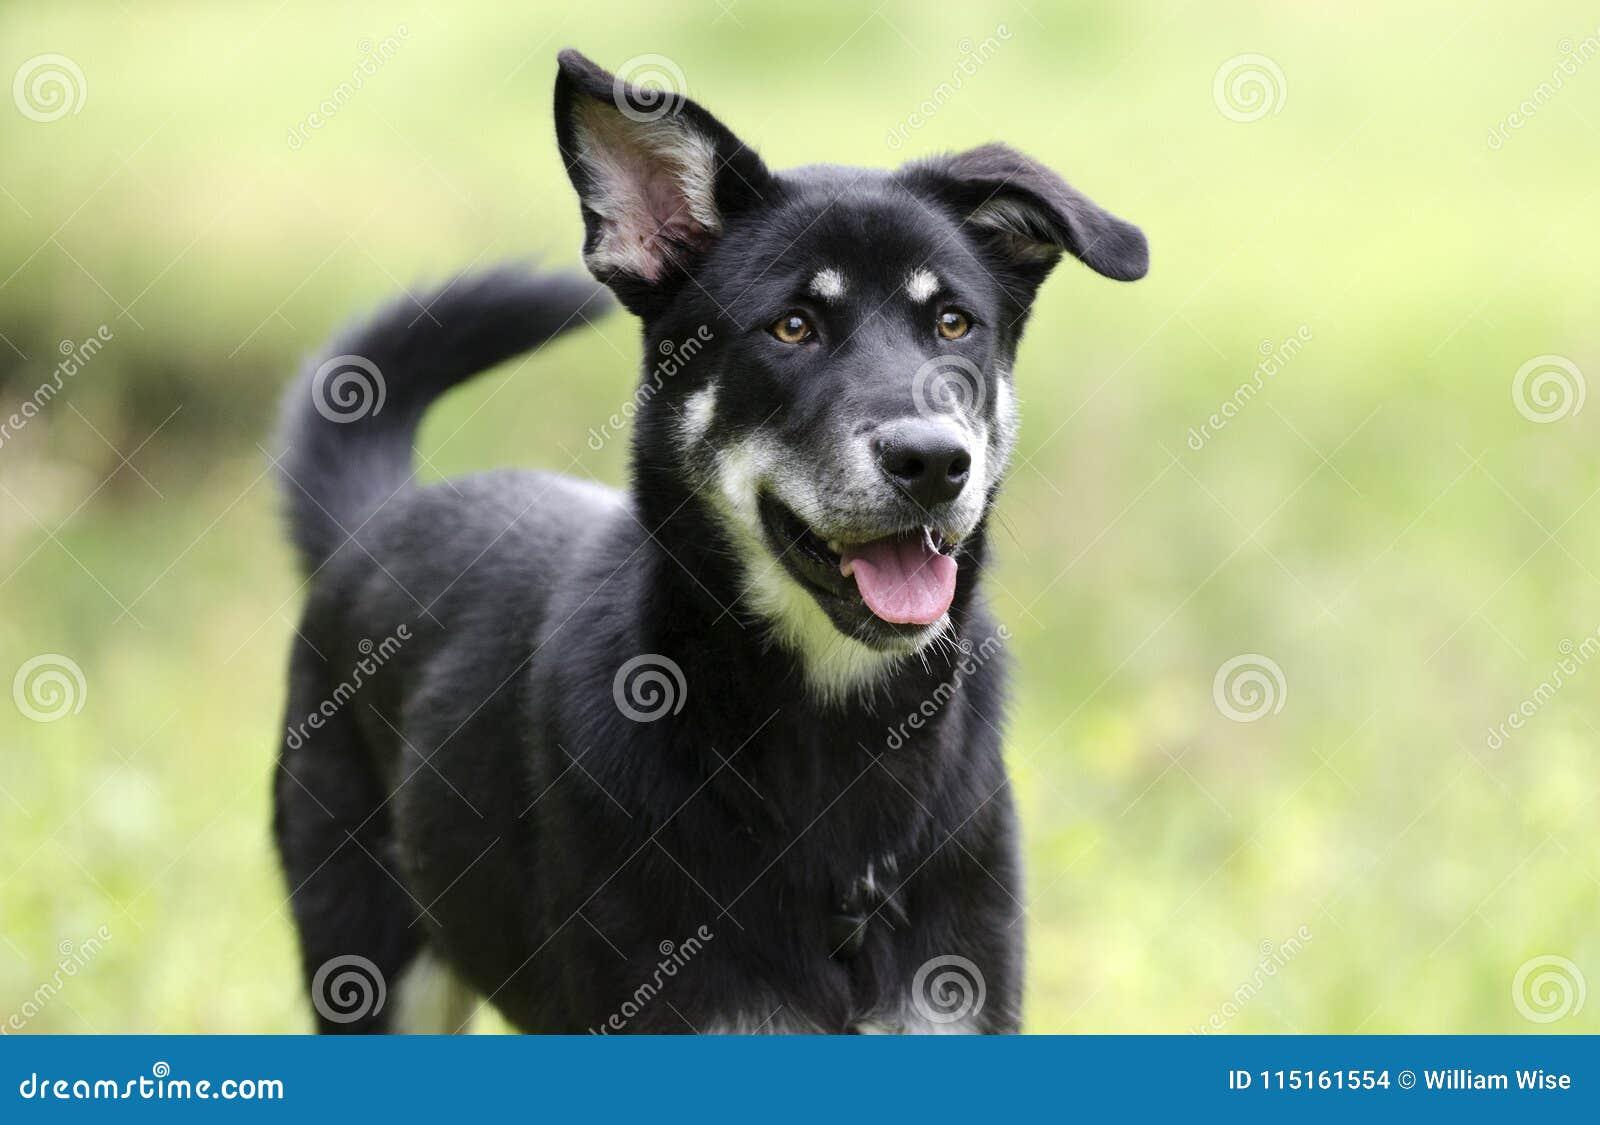 愉快的狗摇摆的尾巴,多壳的牧羊人混合了品种狗,宠物抢救收养摄影